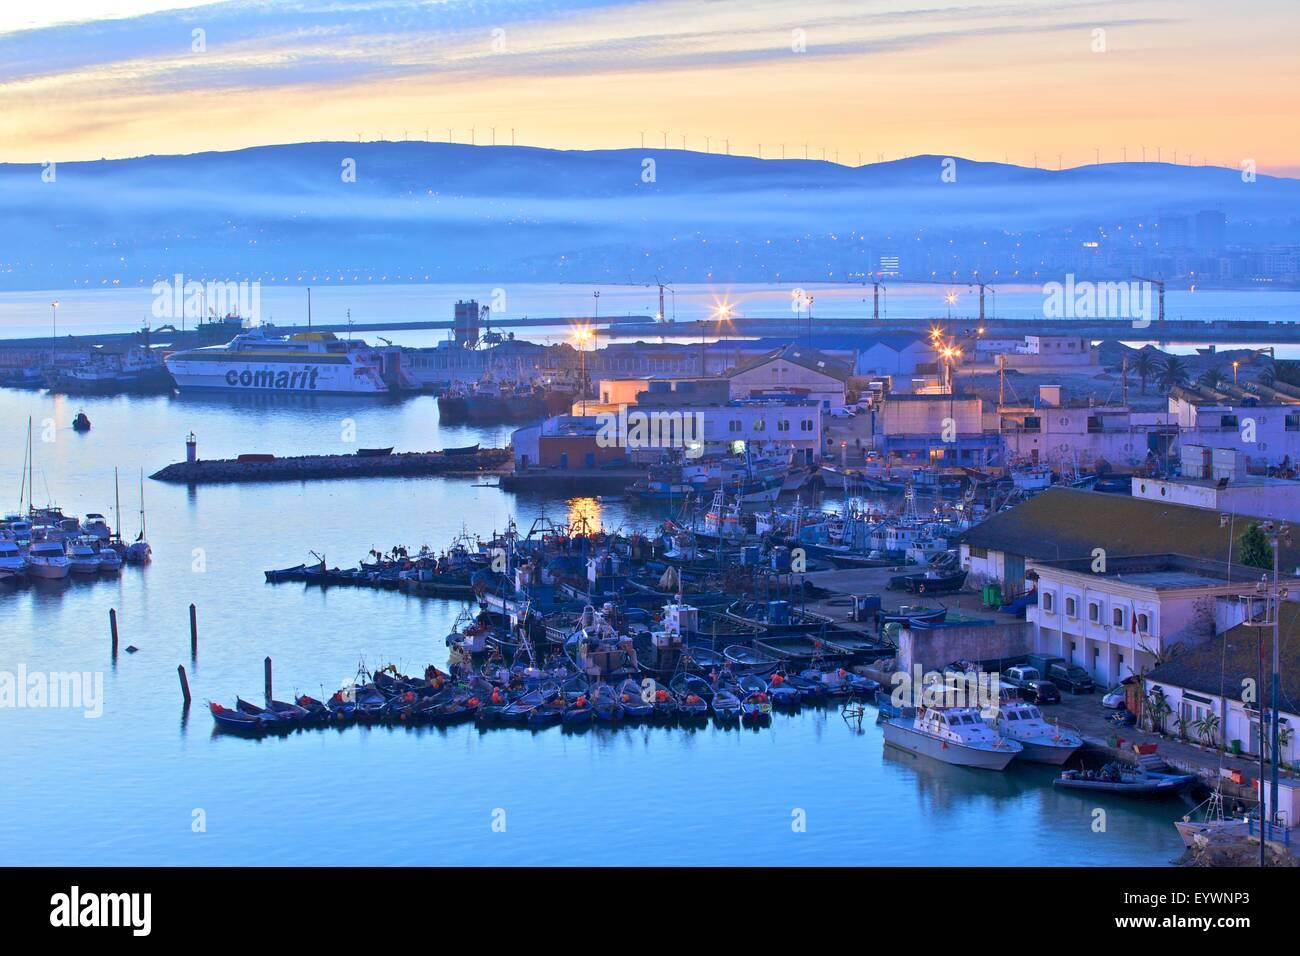 El puerto al amanecer, Tánger, Marruecos, Norte de África, África Imagen De Stock